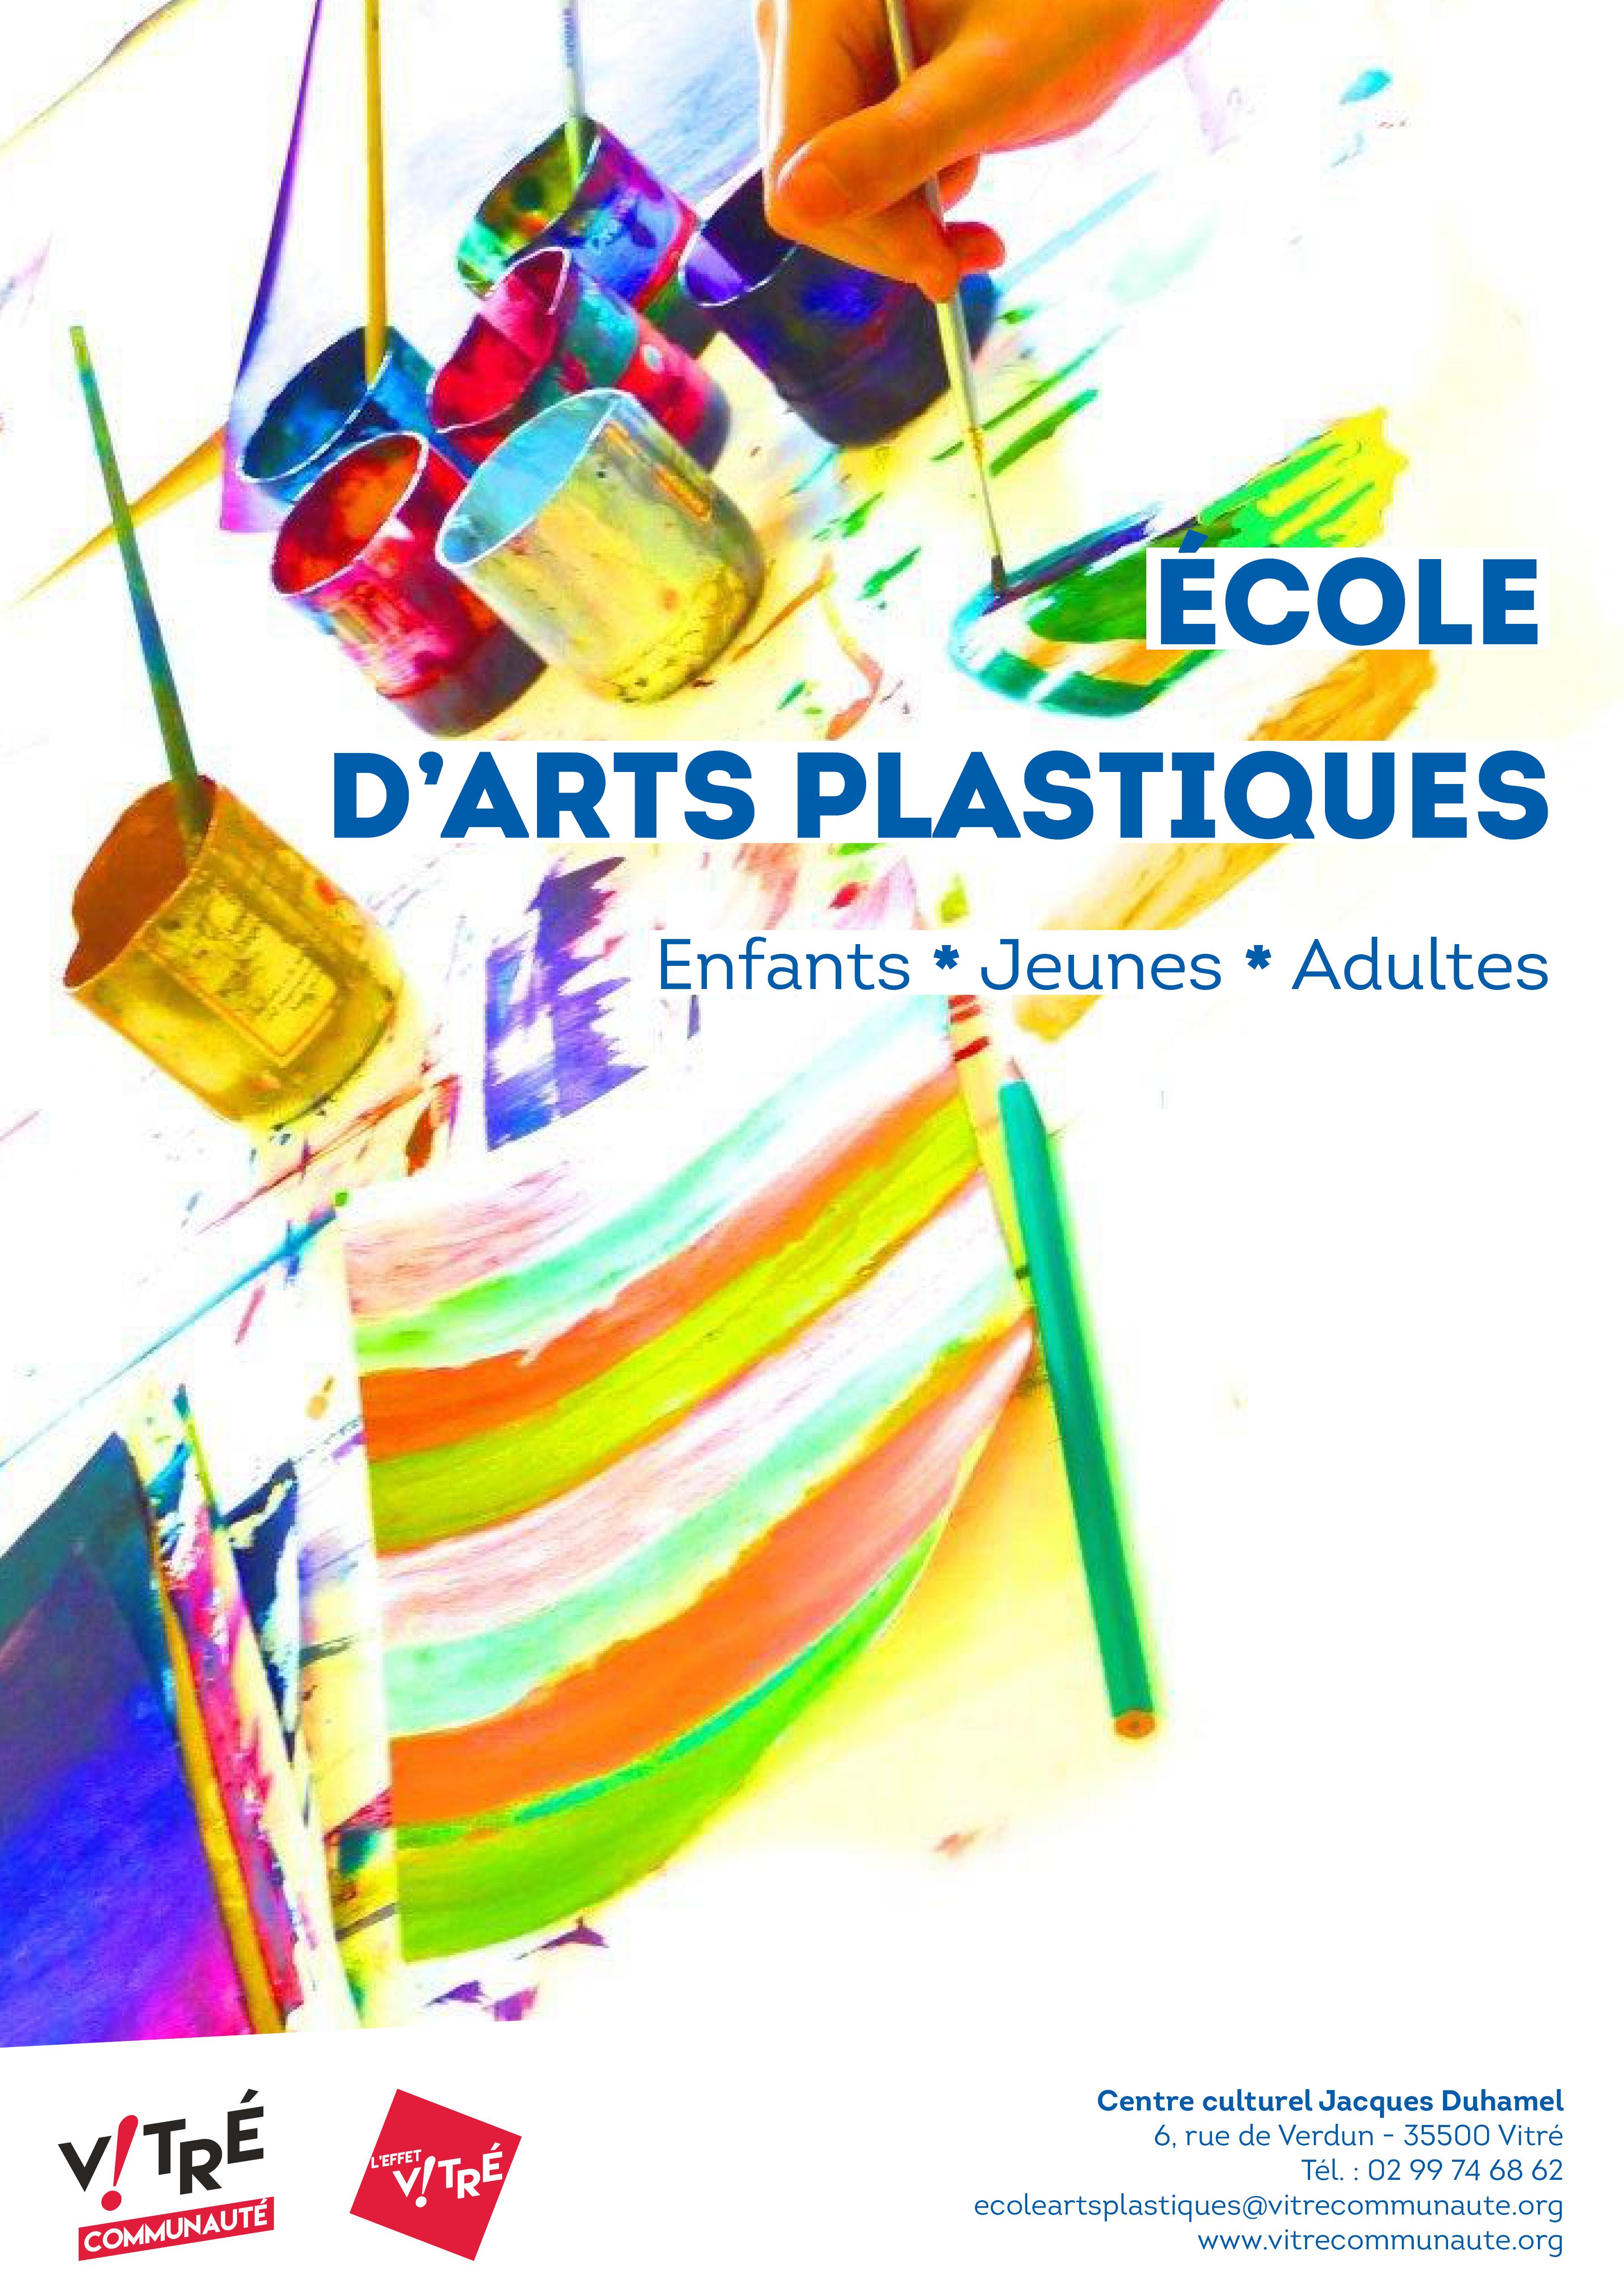 Dessin d arts plastiques infini photo - Dessin art plastique a imprimer ...